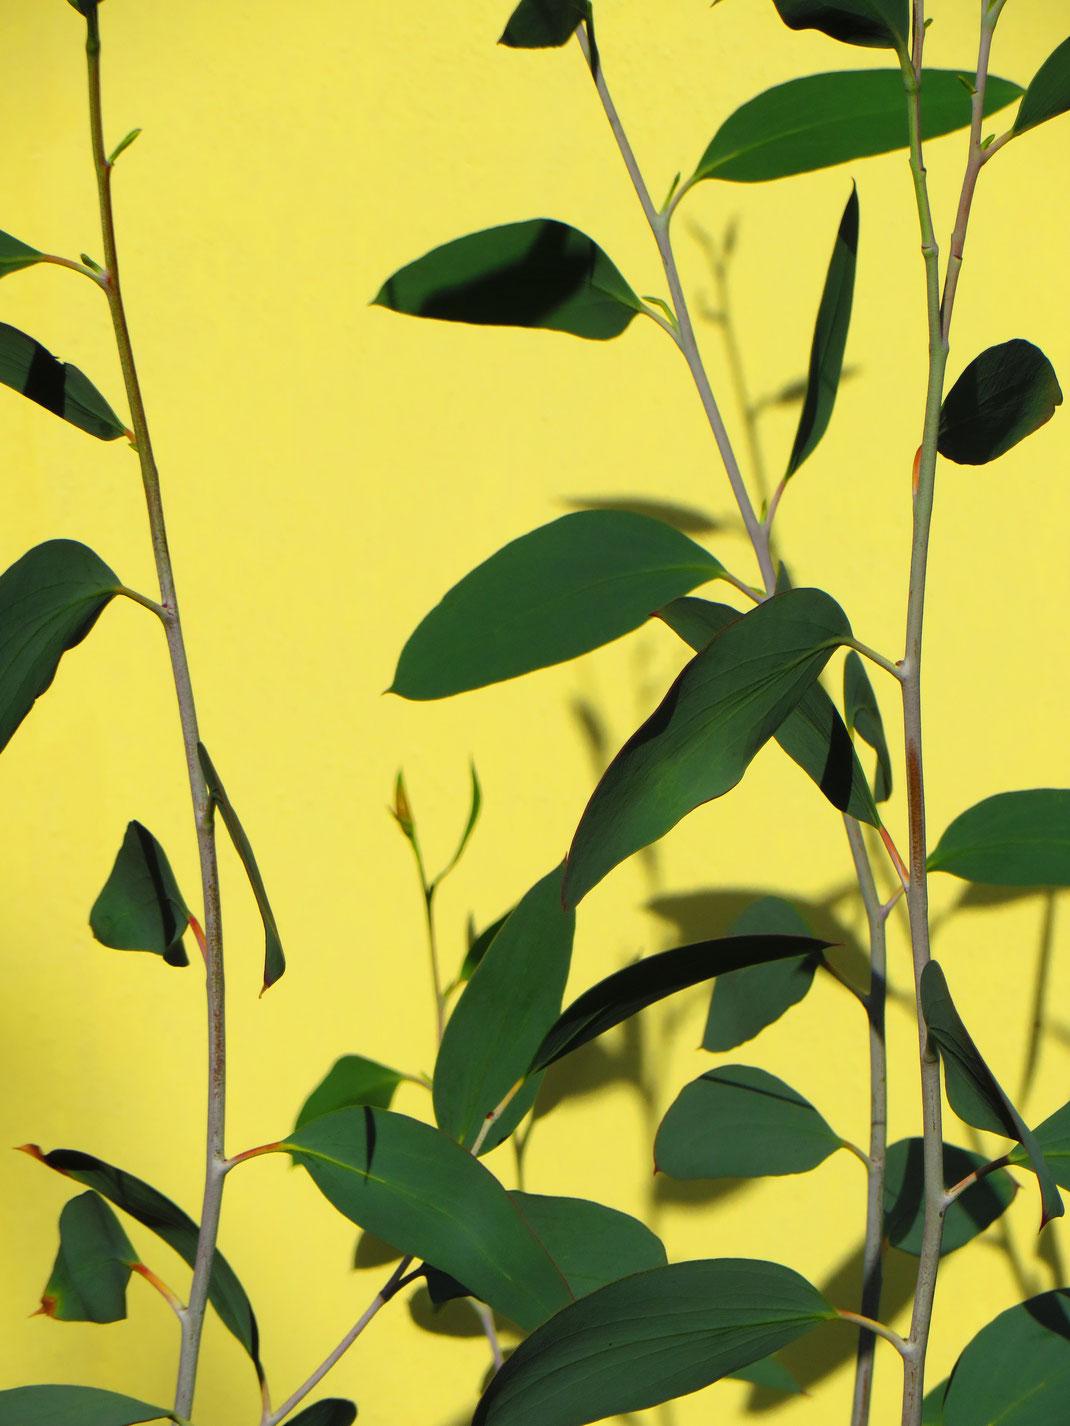 Eucalyptus debeuzevillei vor der gelben Hauswand